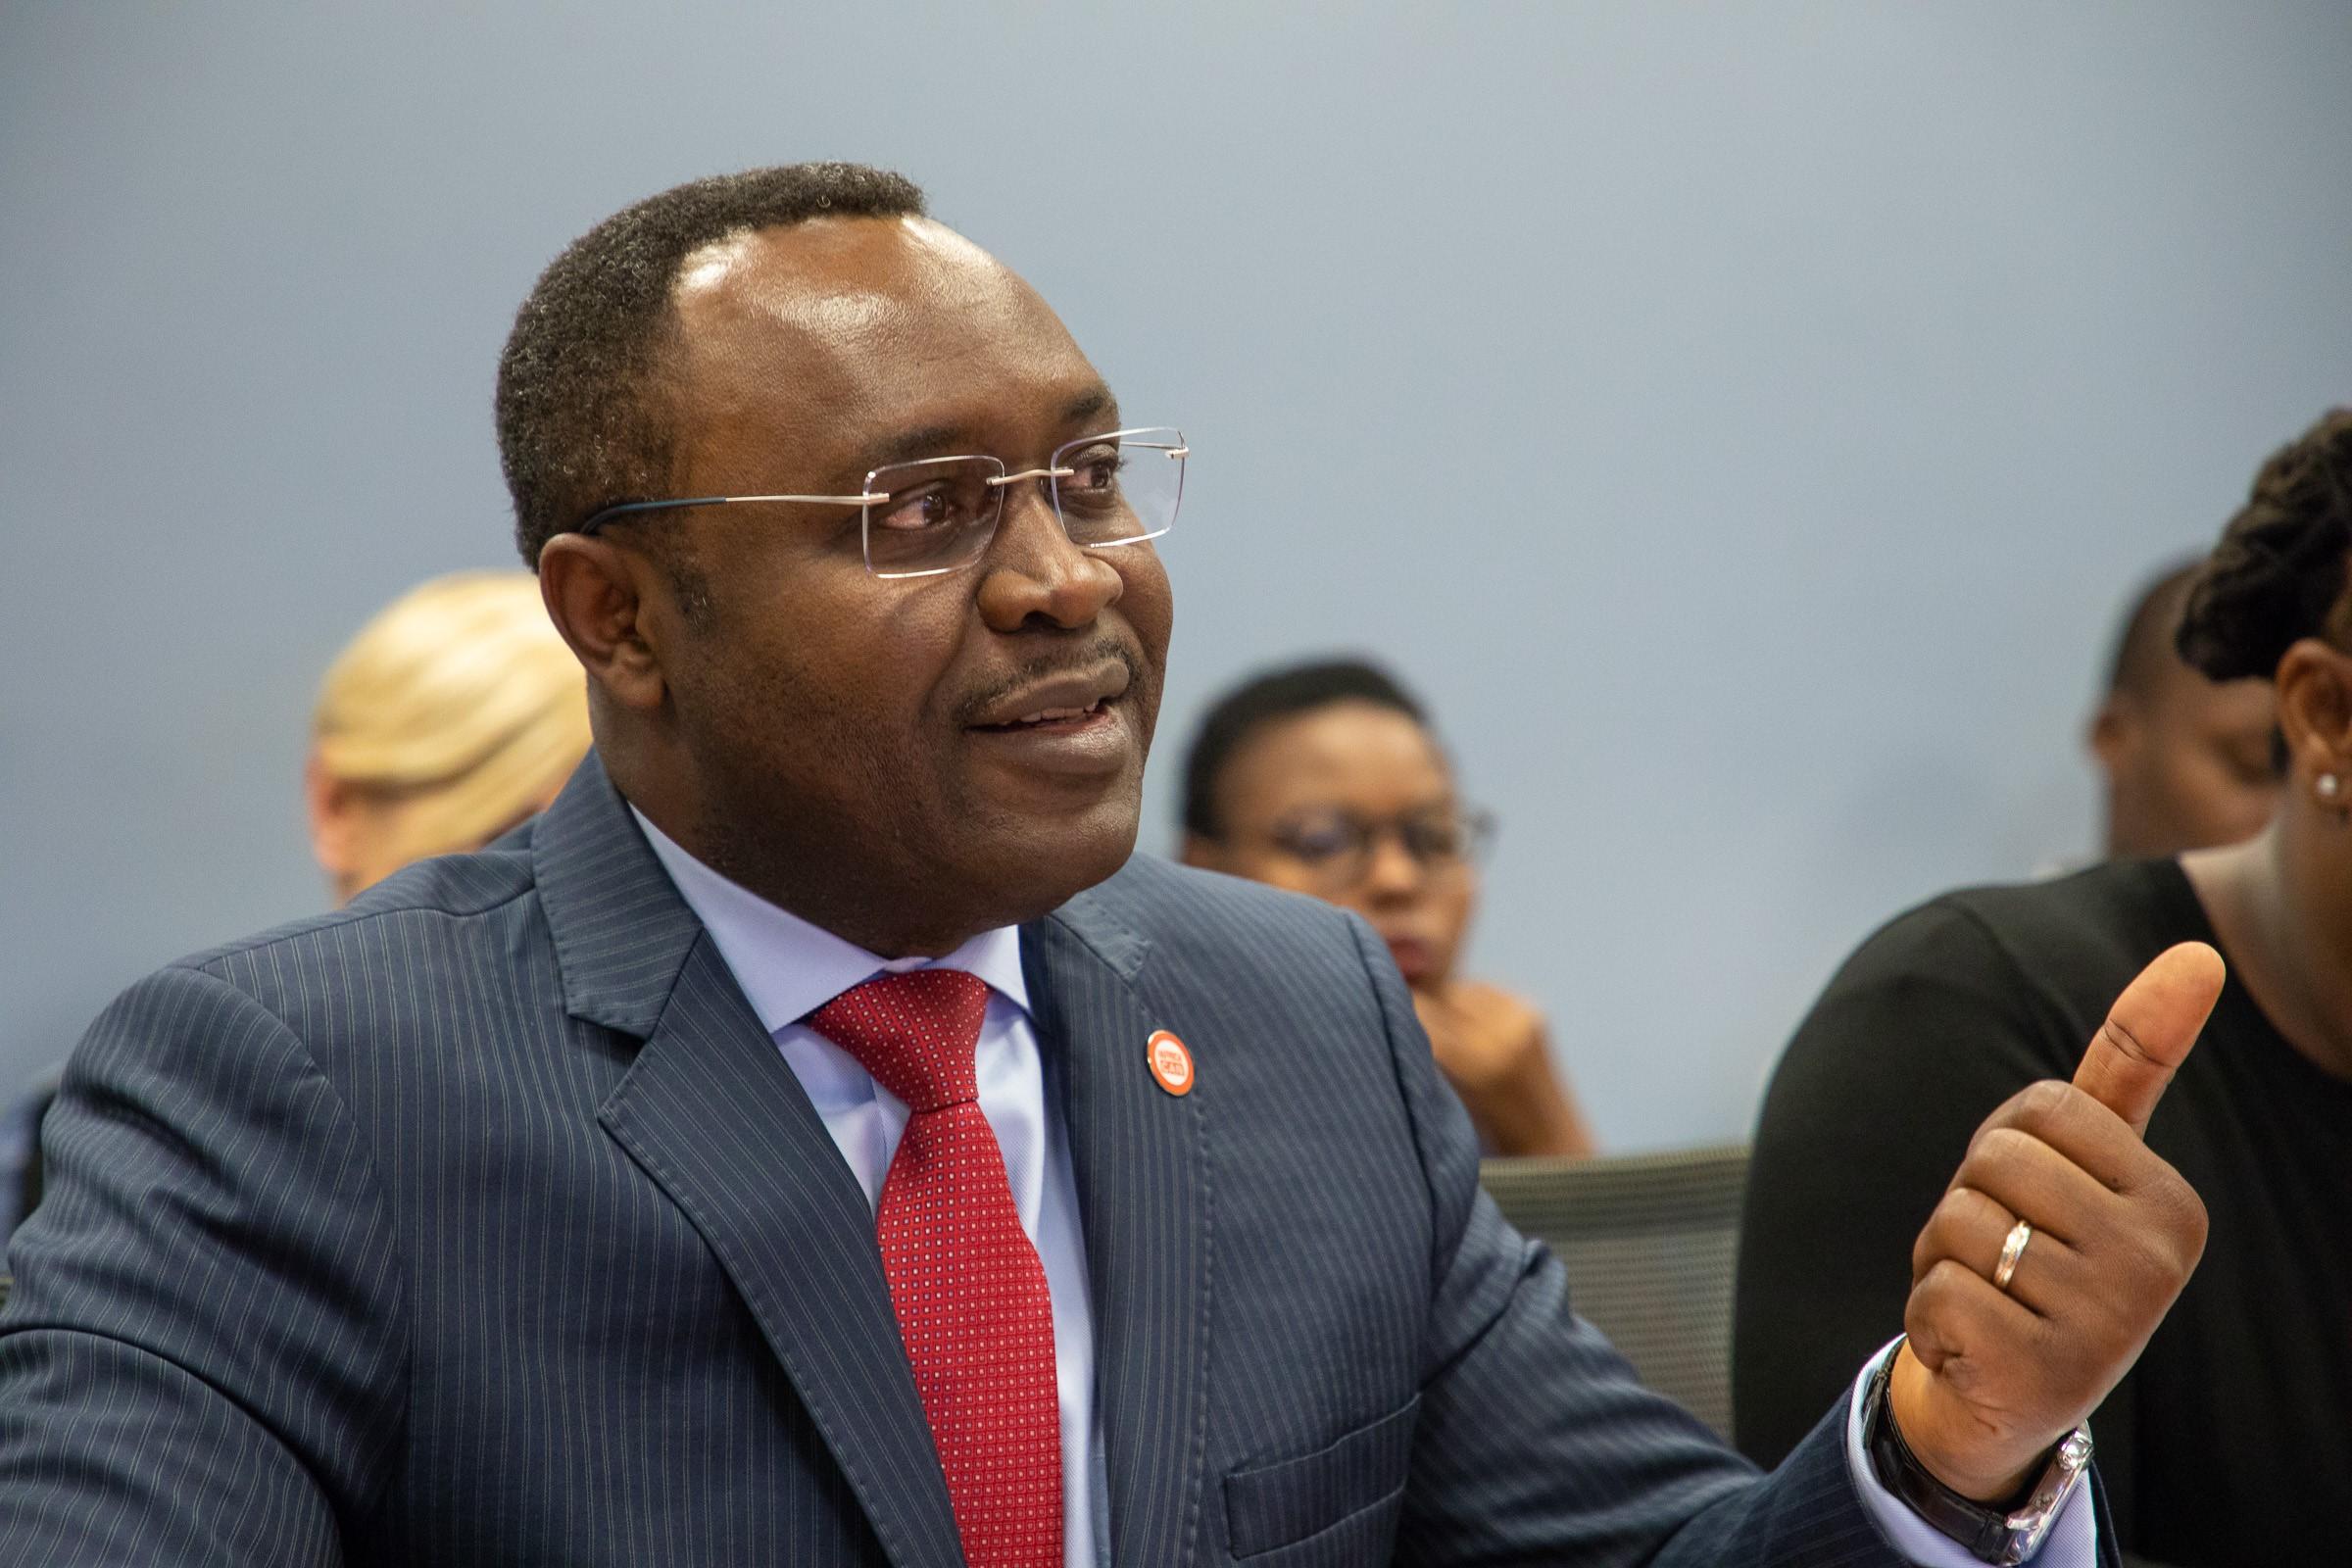 La Banque mondiale abaisse ses prévisions de croissance pour l'Afrique subsaharienne en 2018, à 2,7%